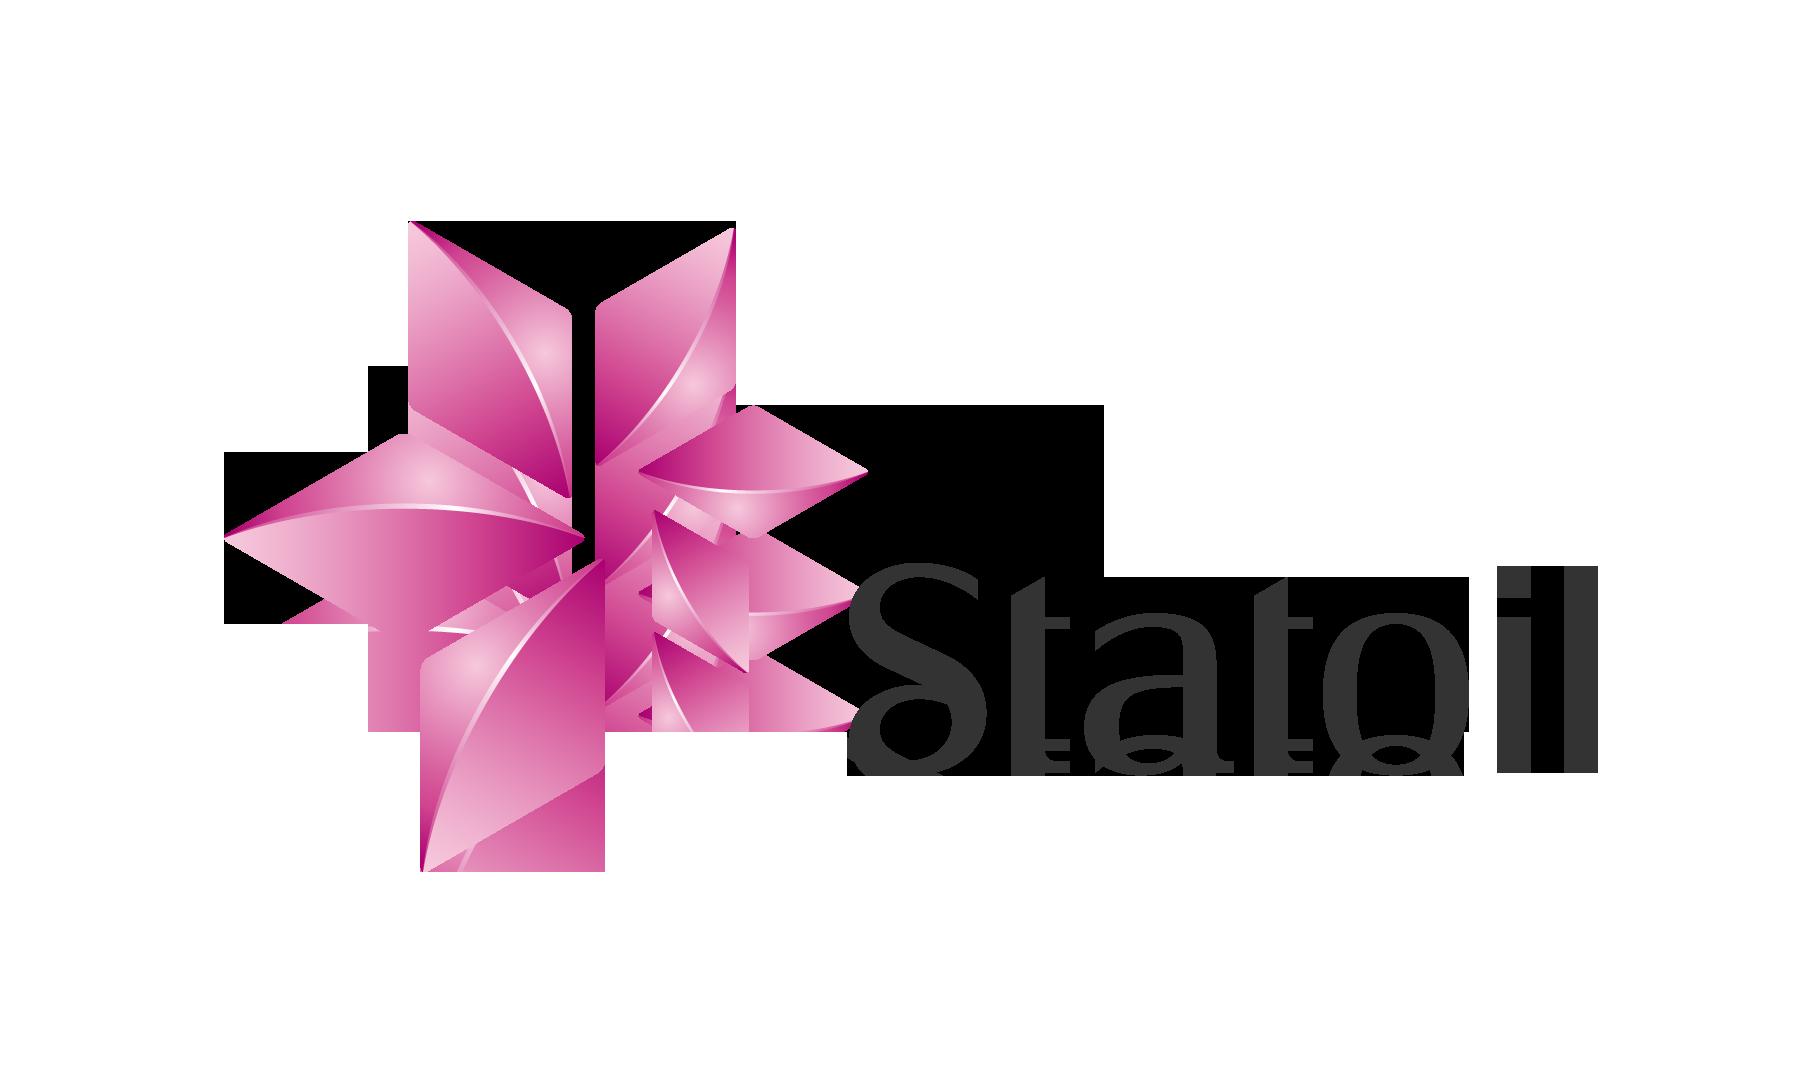 Statoil. Новый договор о поставке газа в Германию. Своевременно